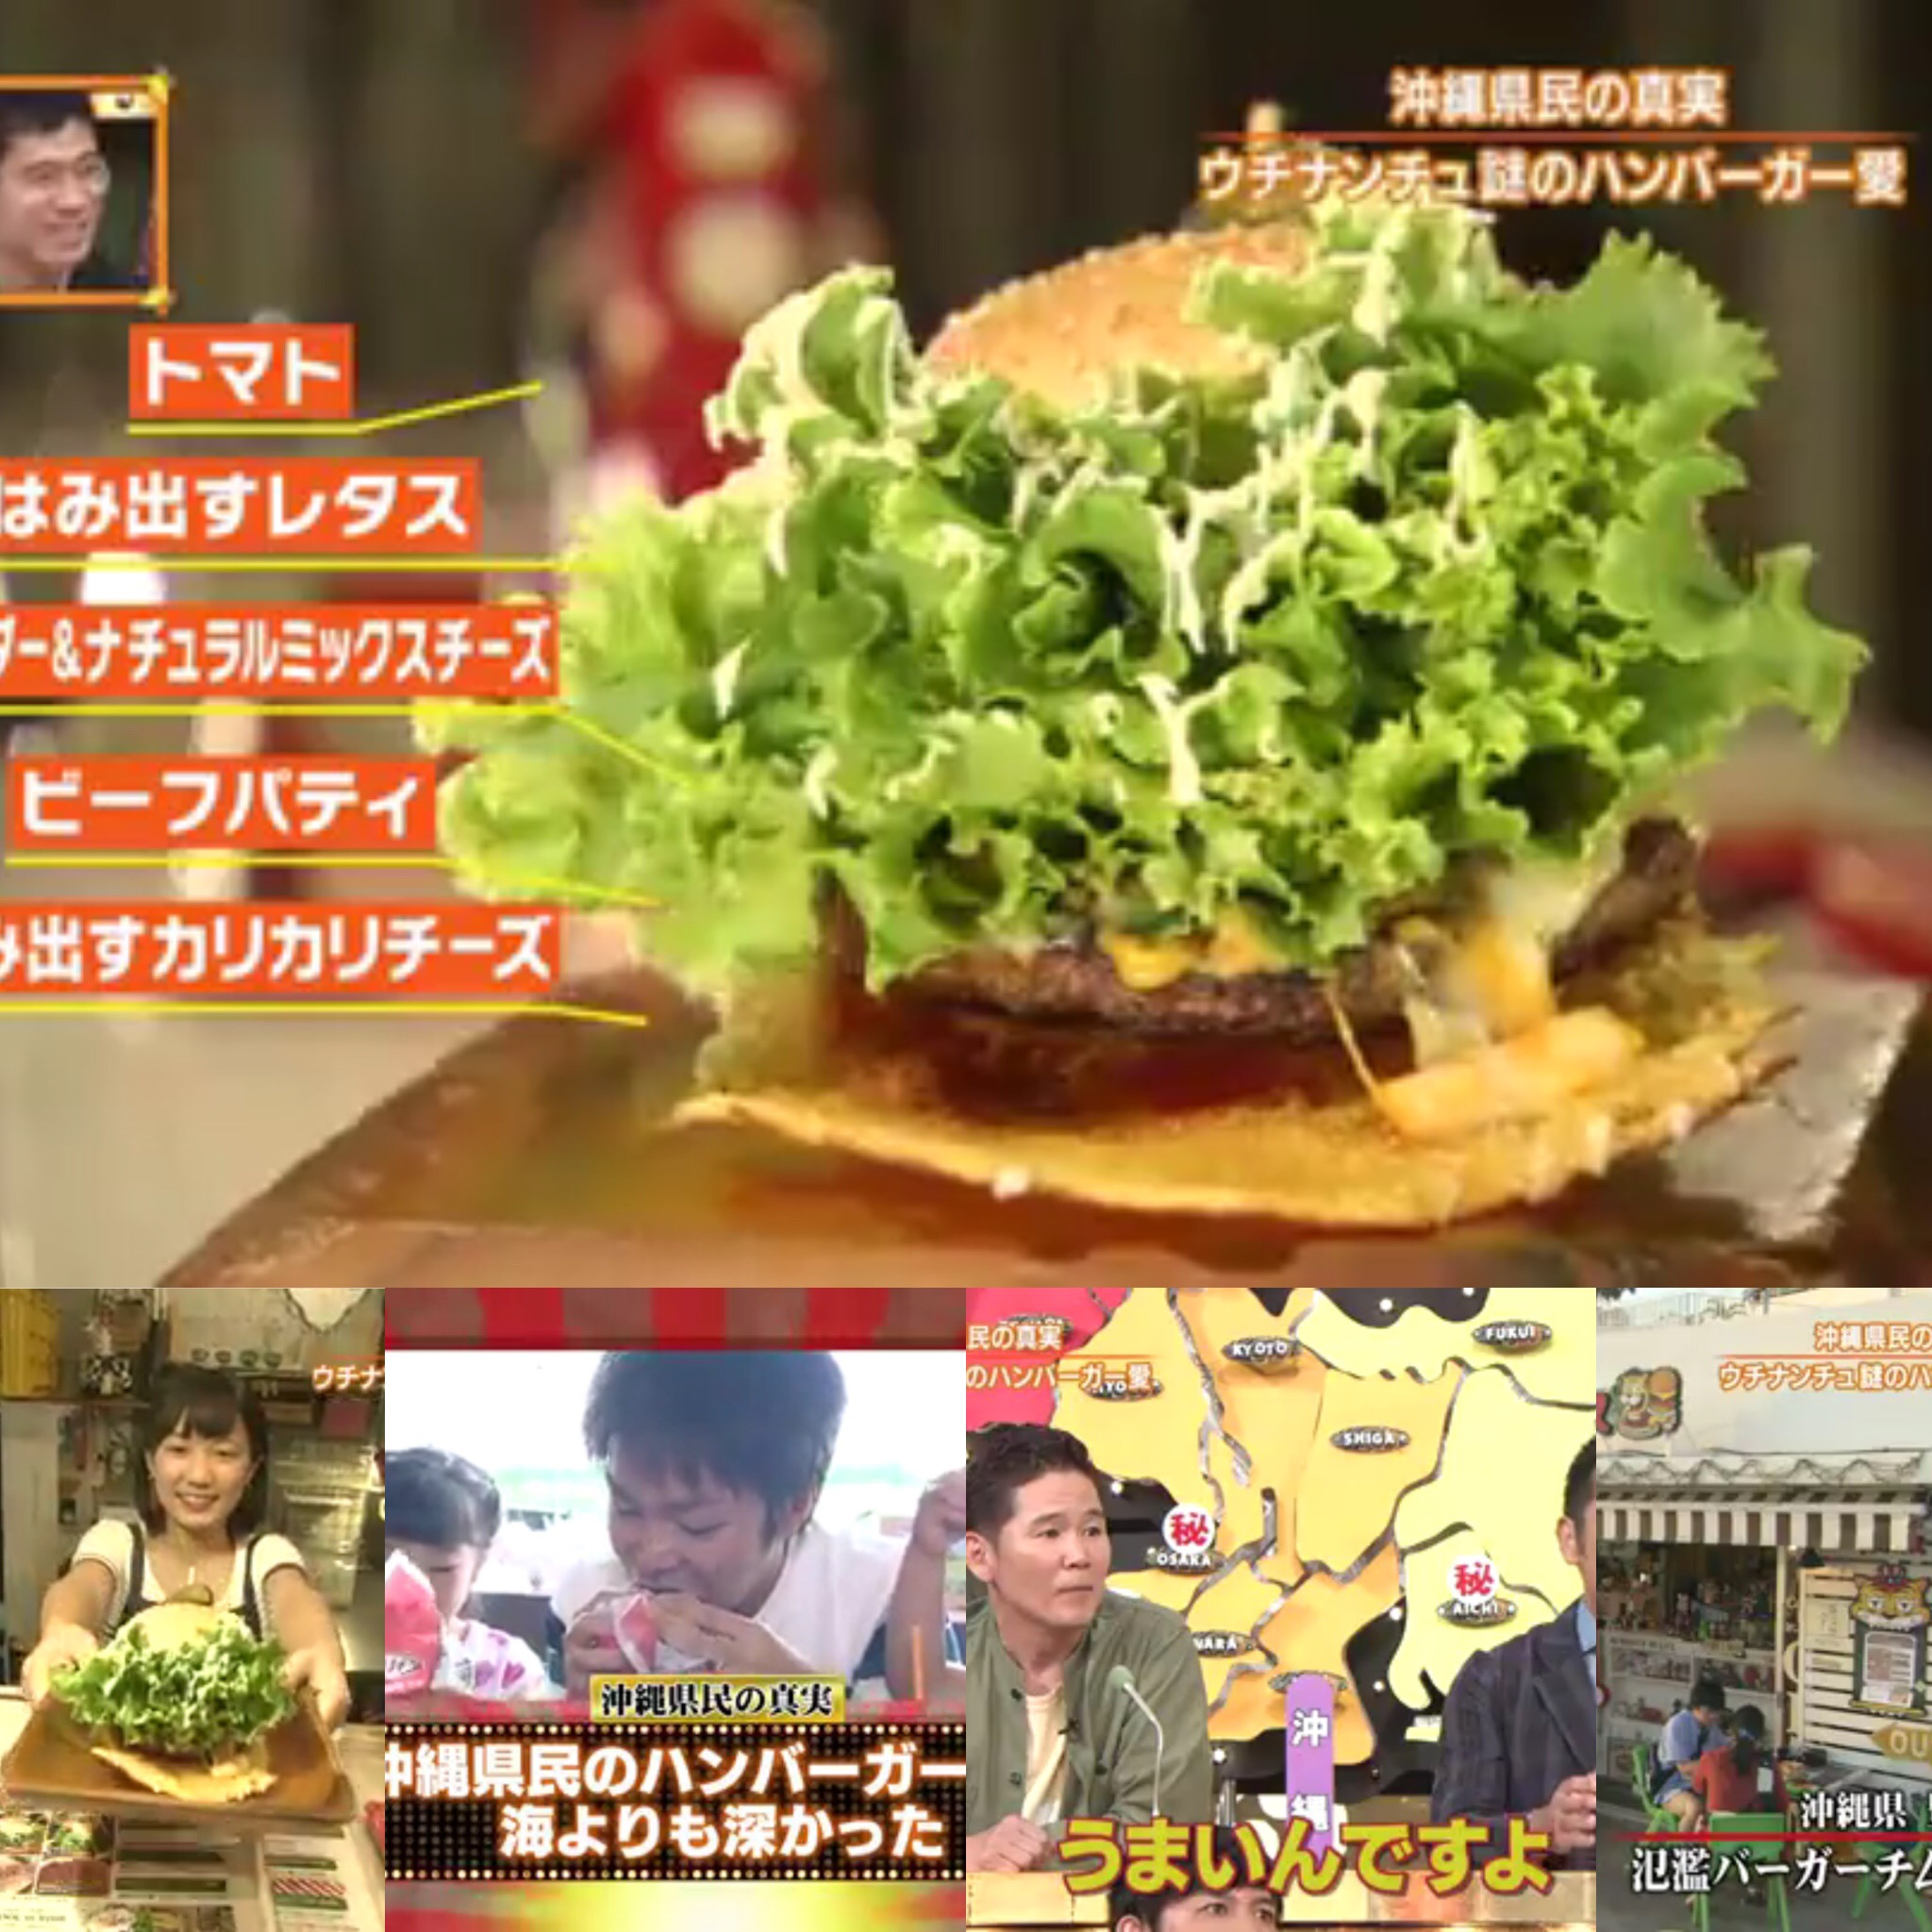 2018年も沖縄代表する進化系ハンバーガー!♪行列が出来るバーガーショップ